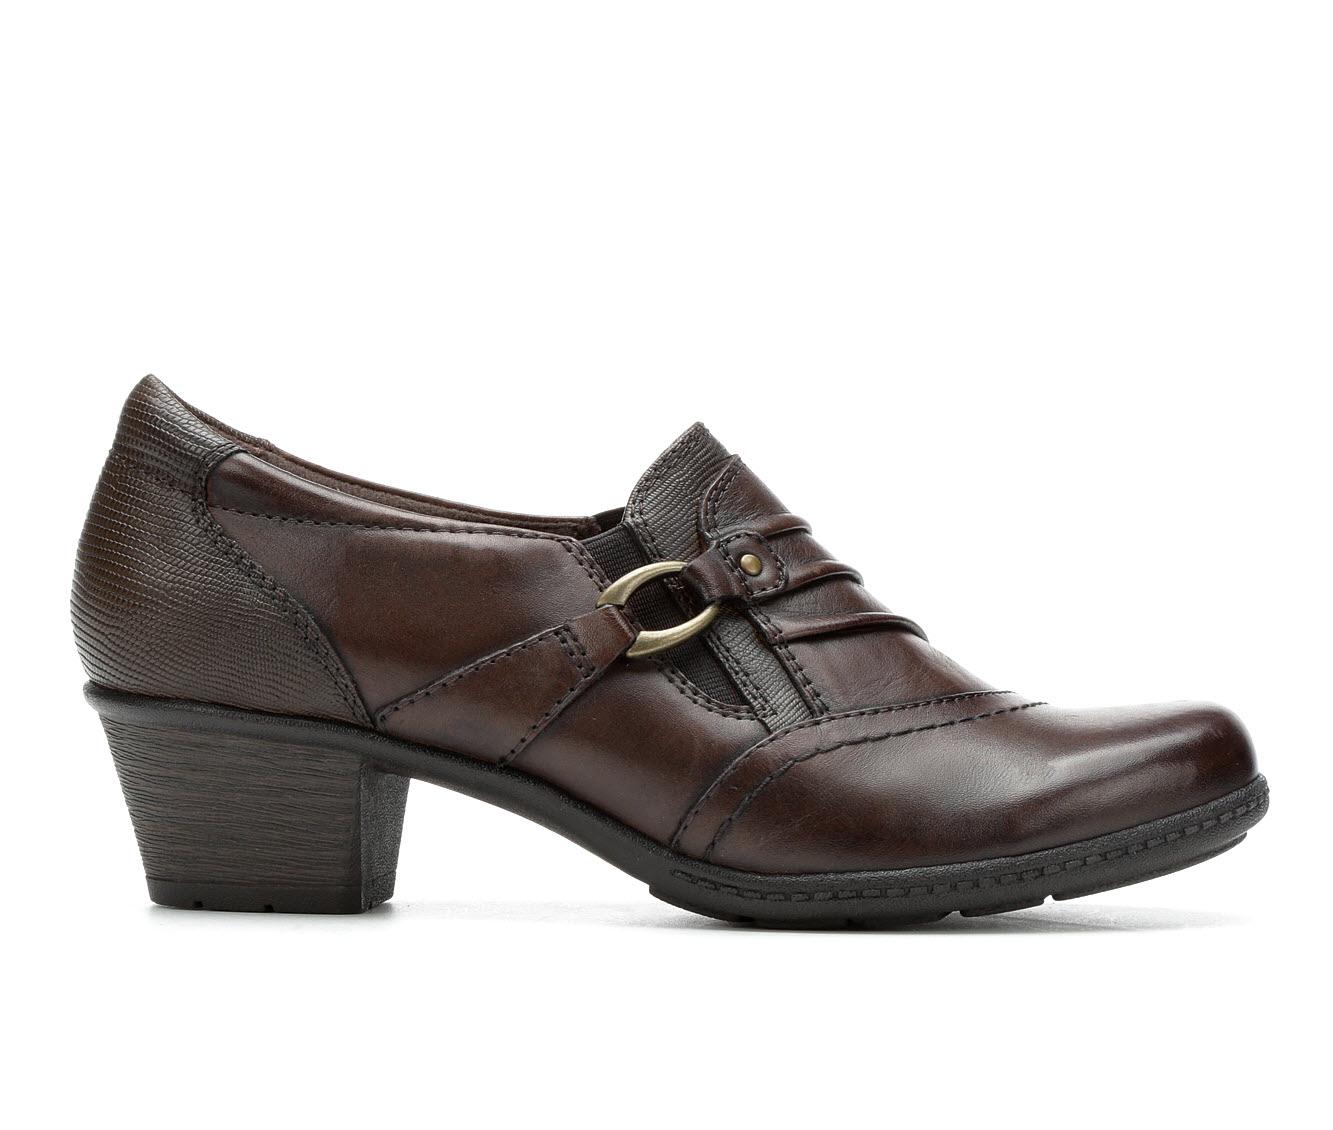 Earth Origins Mavis Women's Shoe (Brown Leather)